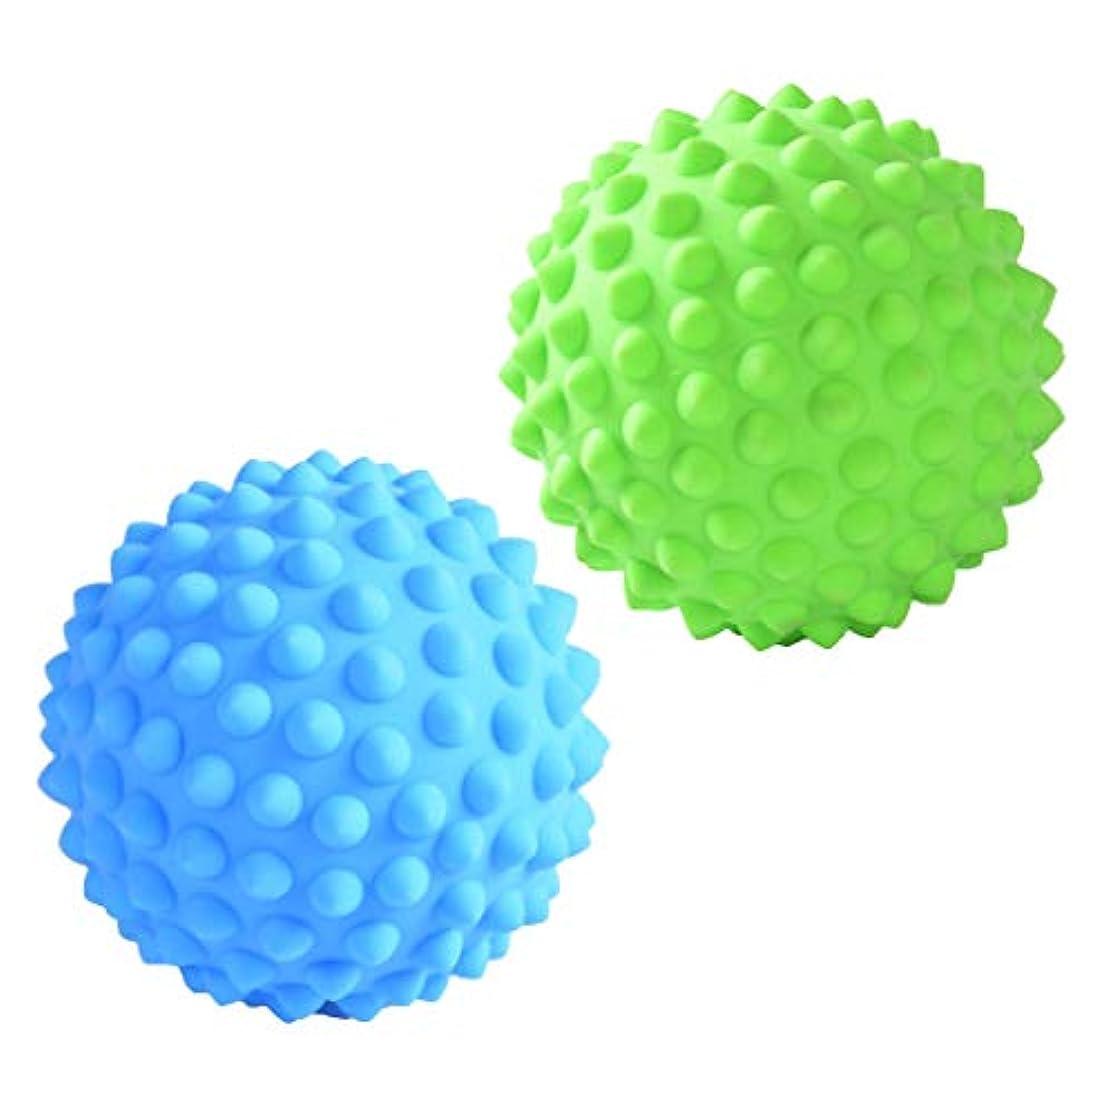 発明する座標有益なマッサージローラーボール マッサージローラー 指圧ボール トリガーポイント ツボ押しグッズ 2個入